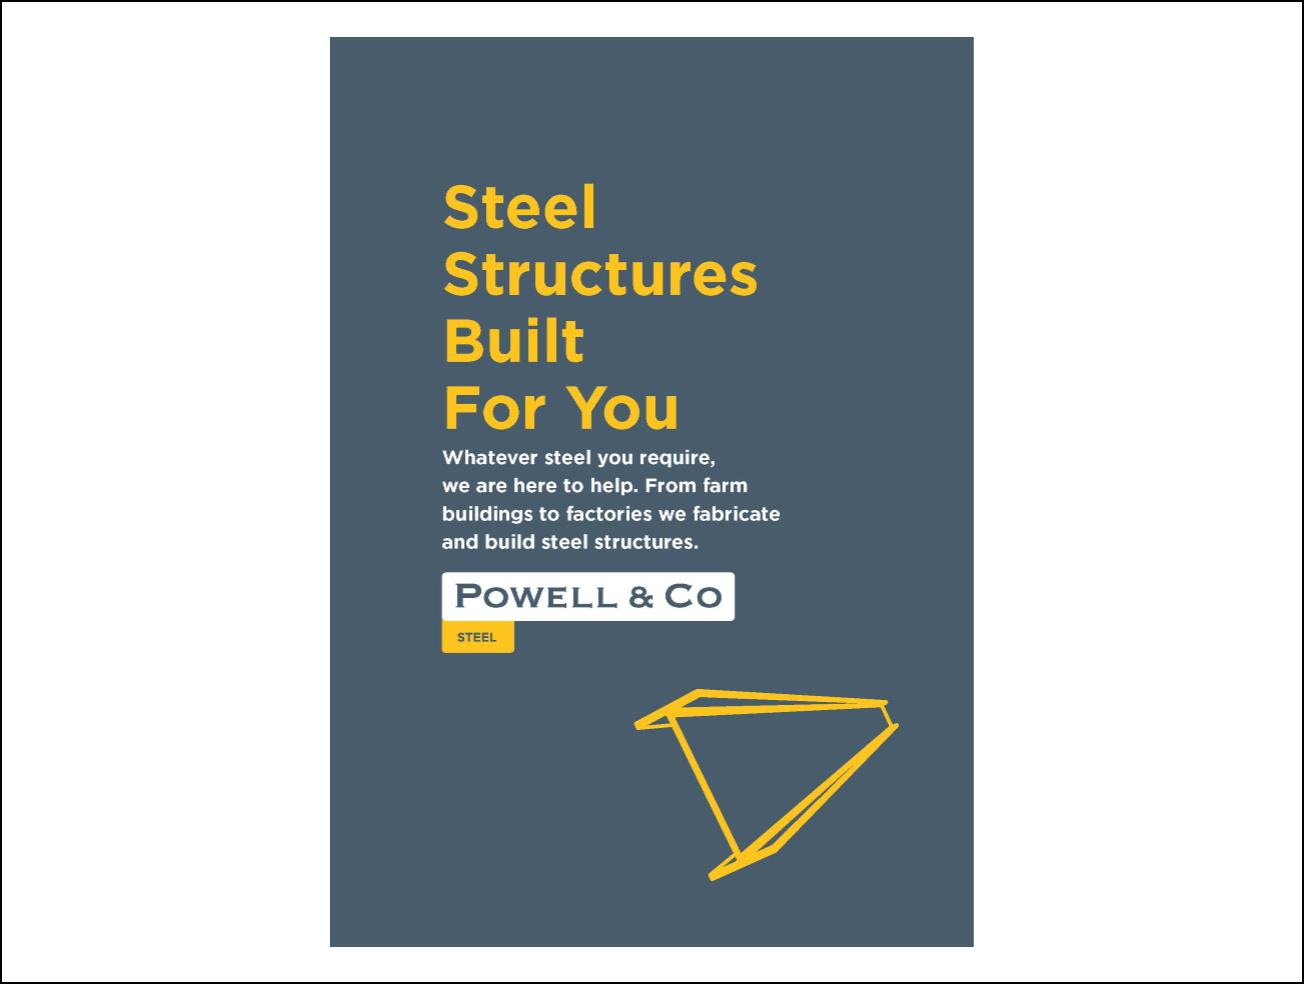 Powell & Co Steel Fabrication Brochure